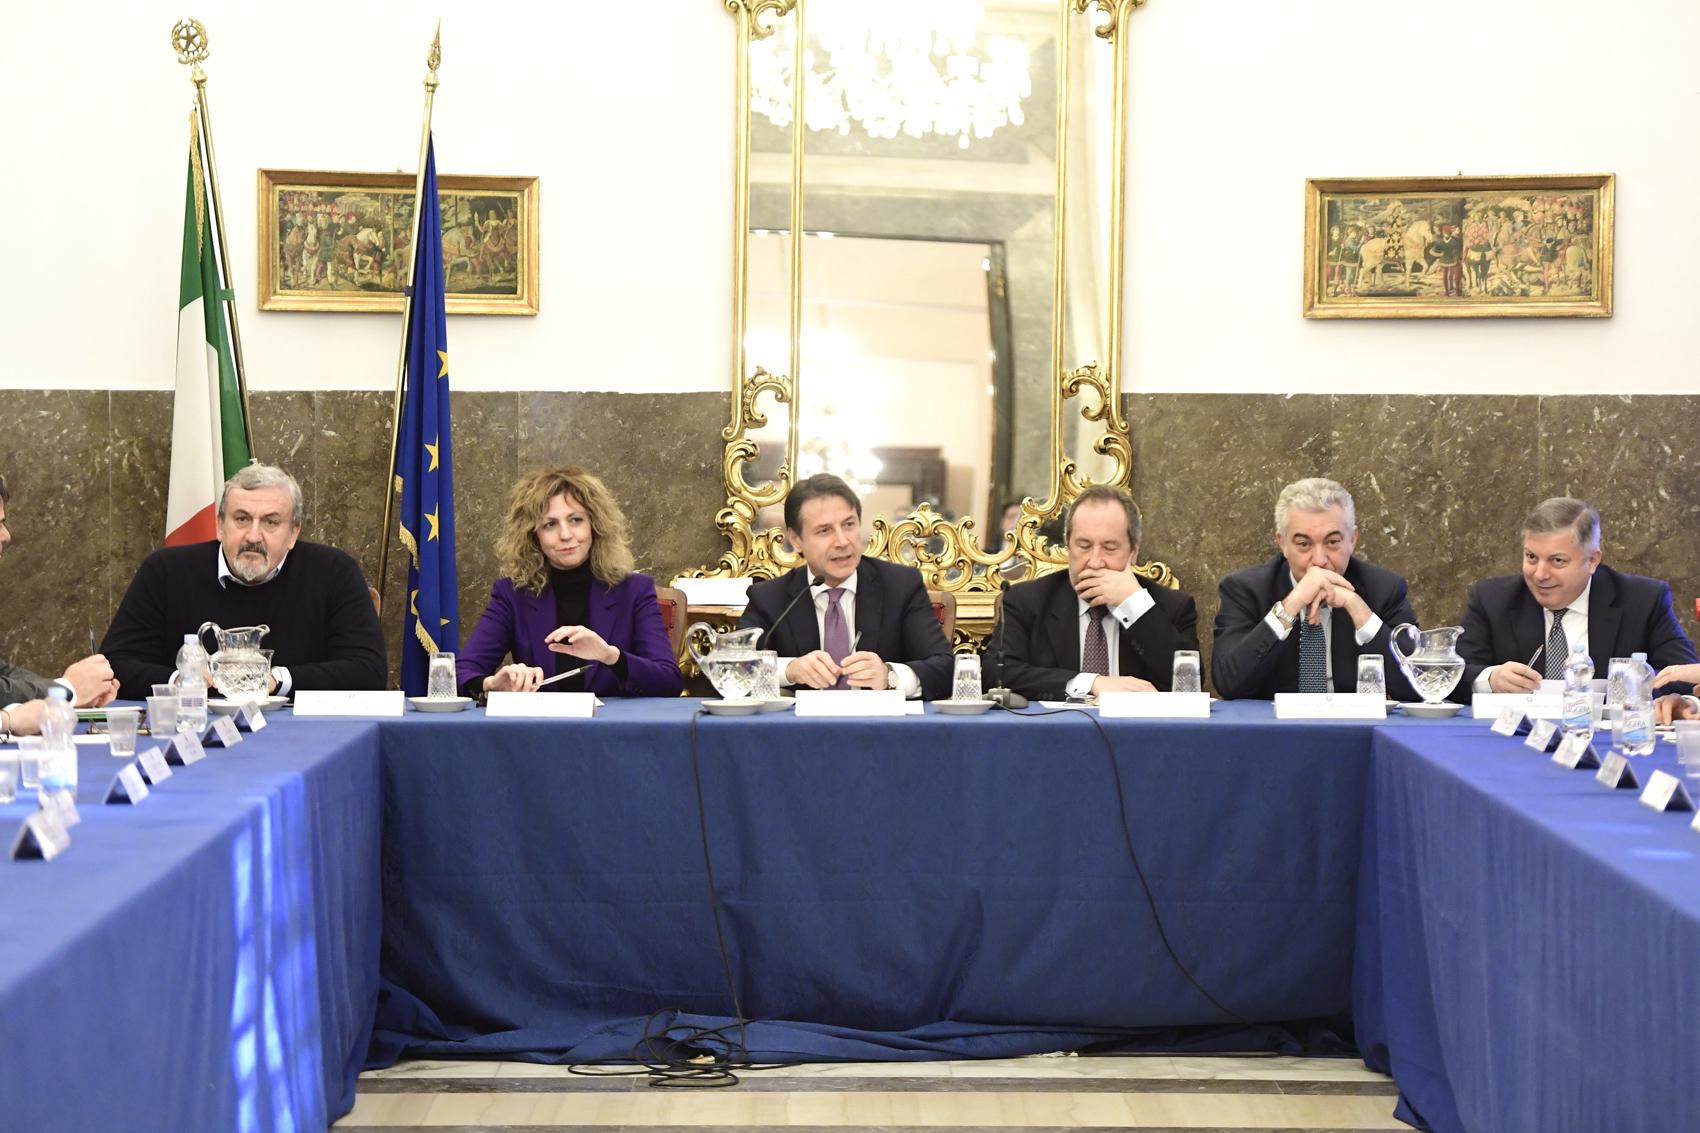 Contratto Istituzionale di Sviluppo per la provincia di Foggia. Emiliano scrive a Conte